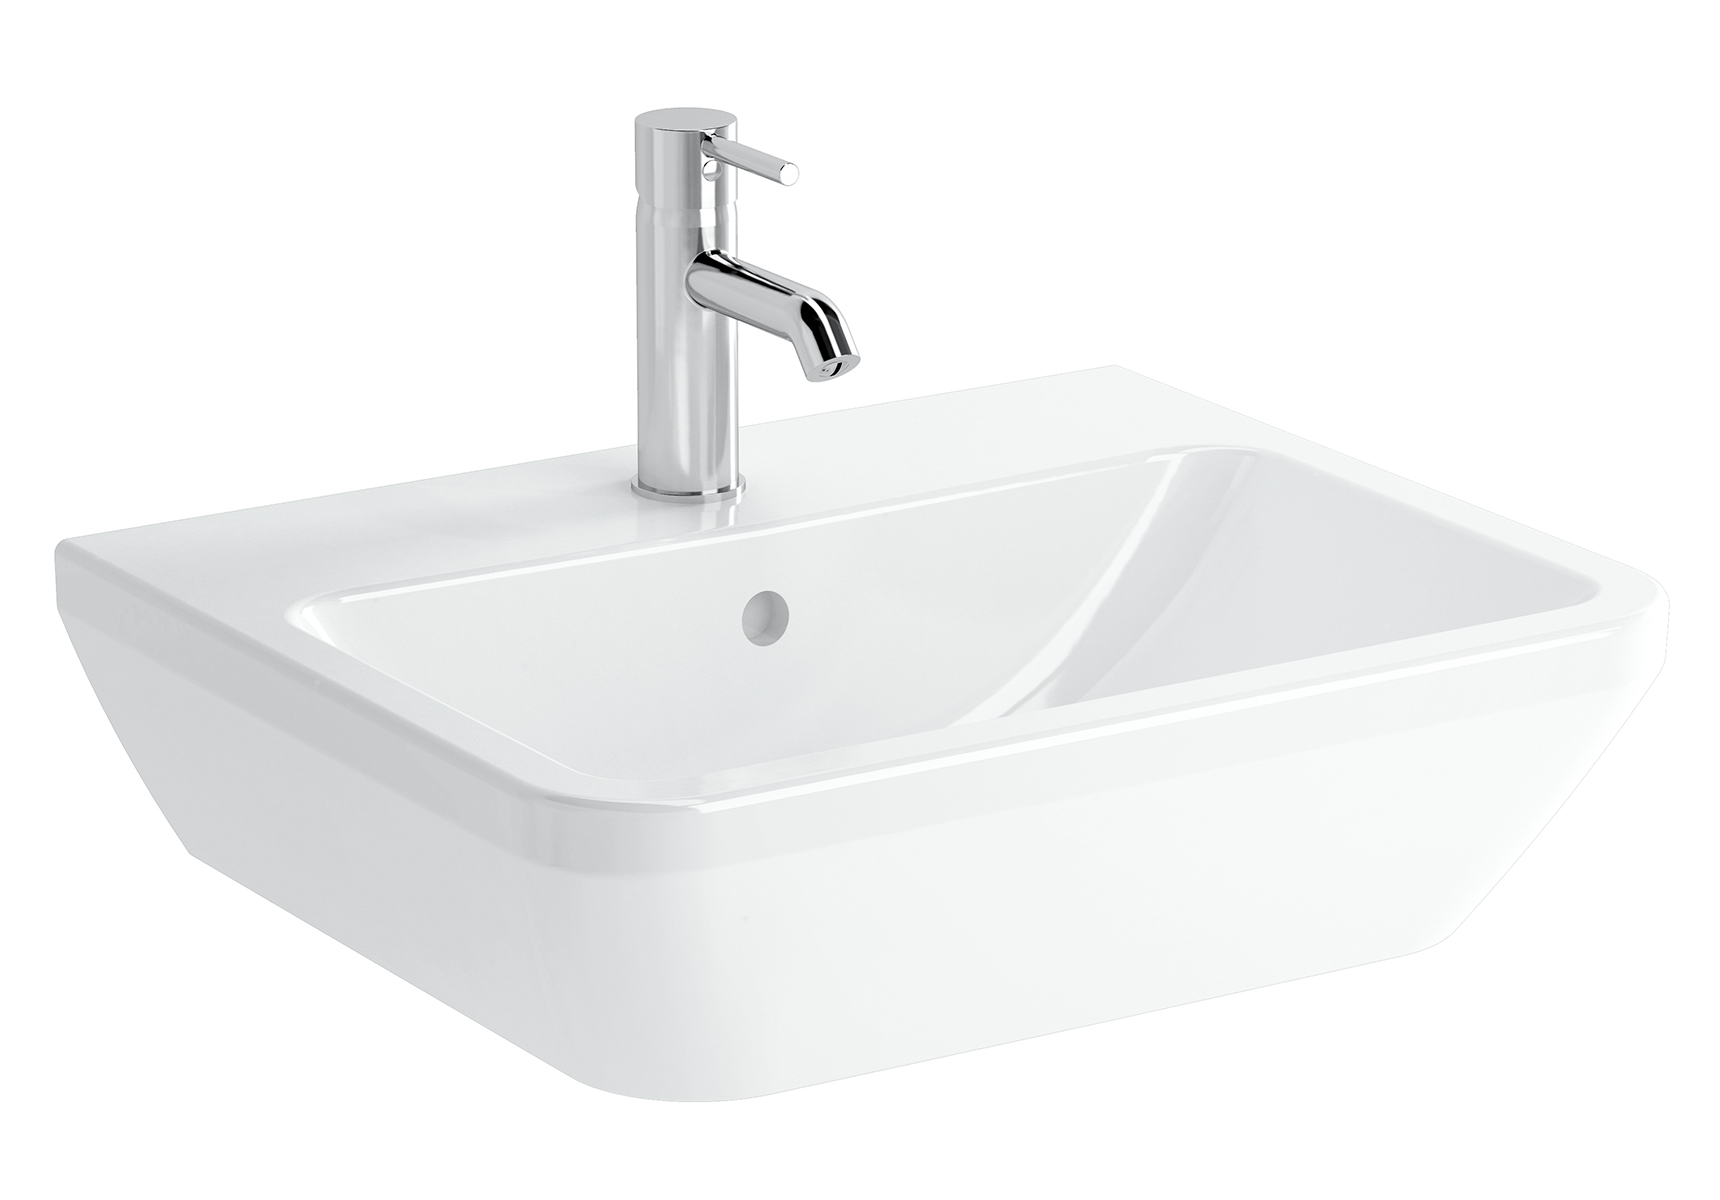 Integra lavabo carré, 55 cm, avec trou de robinet, sans trop-plein